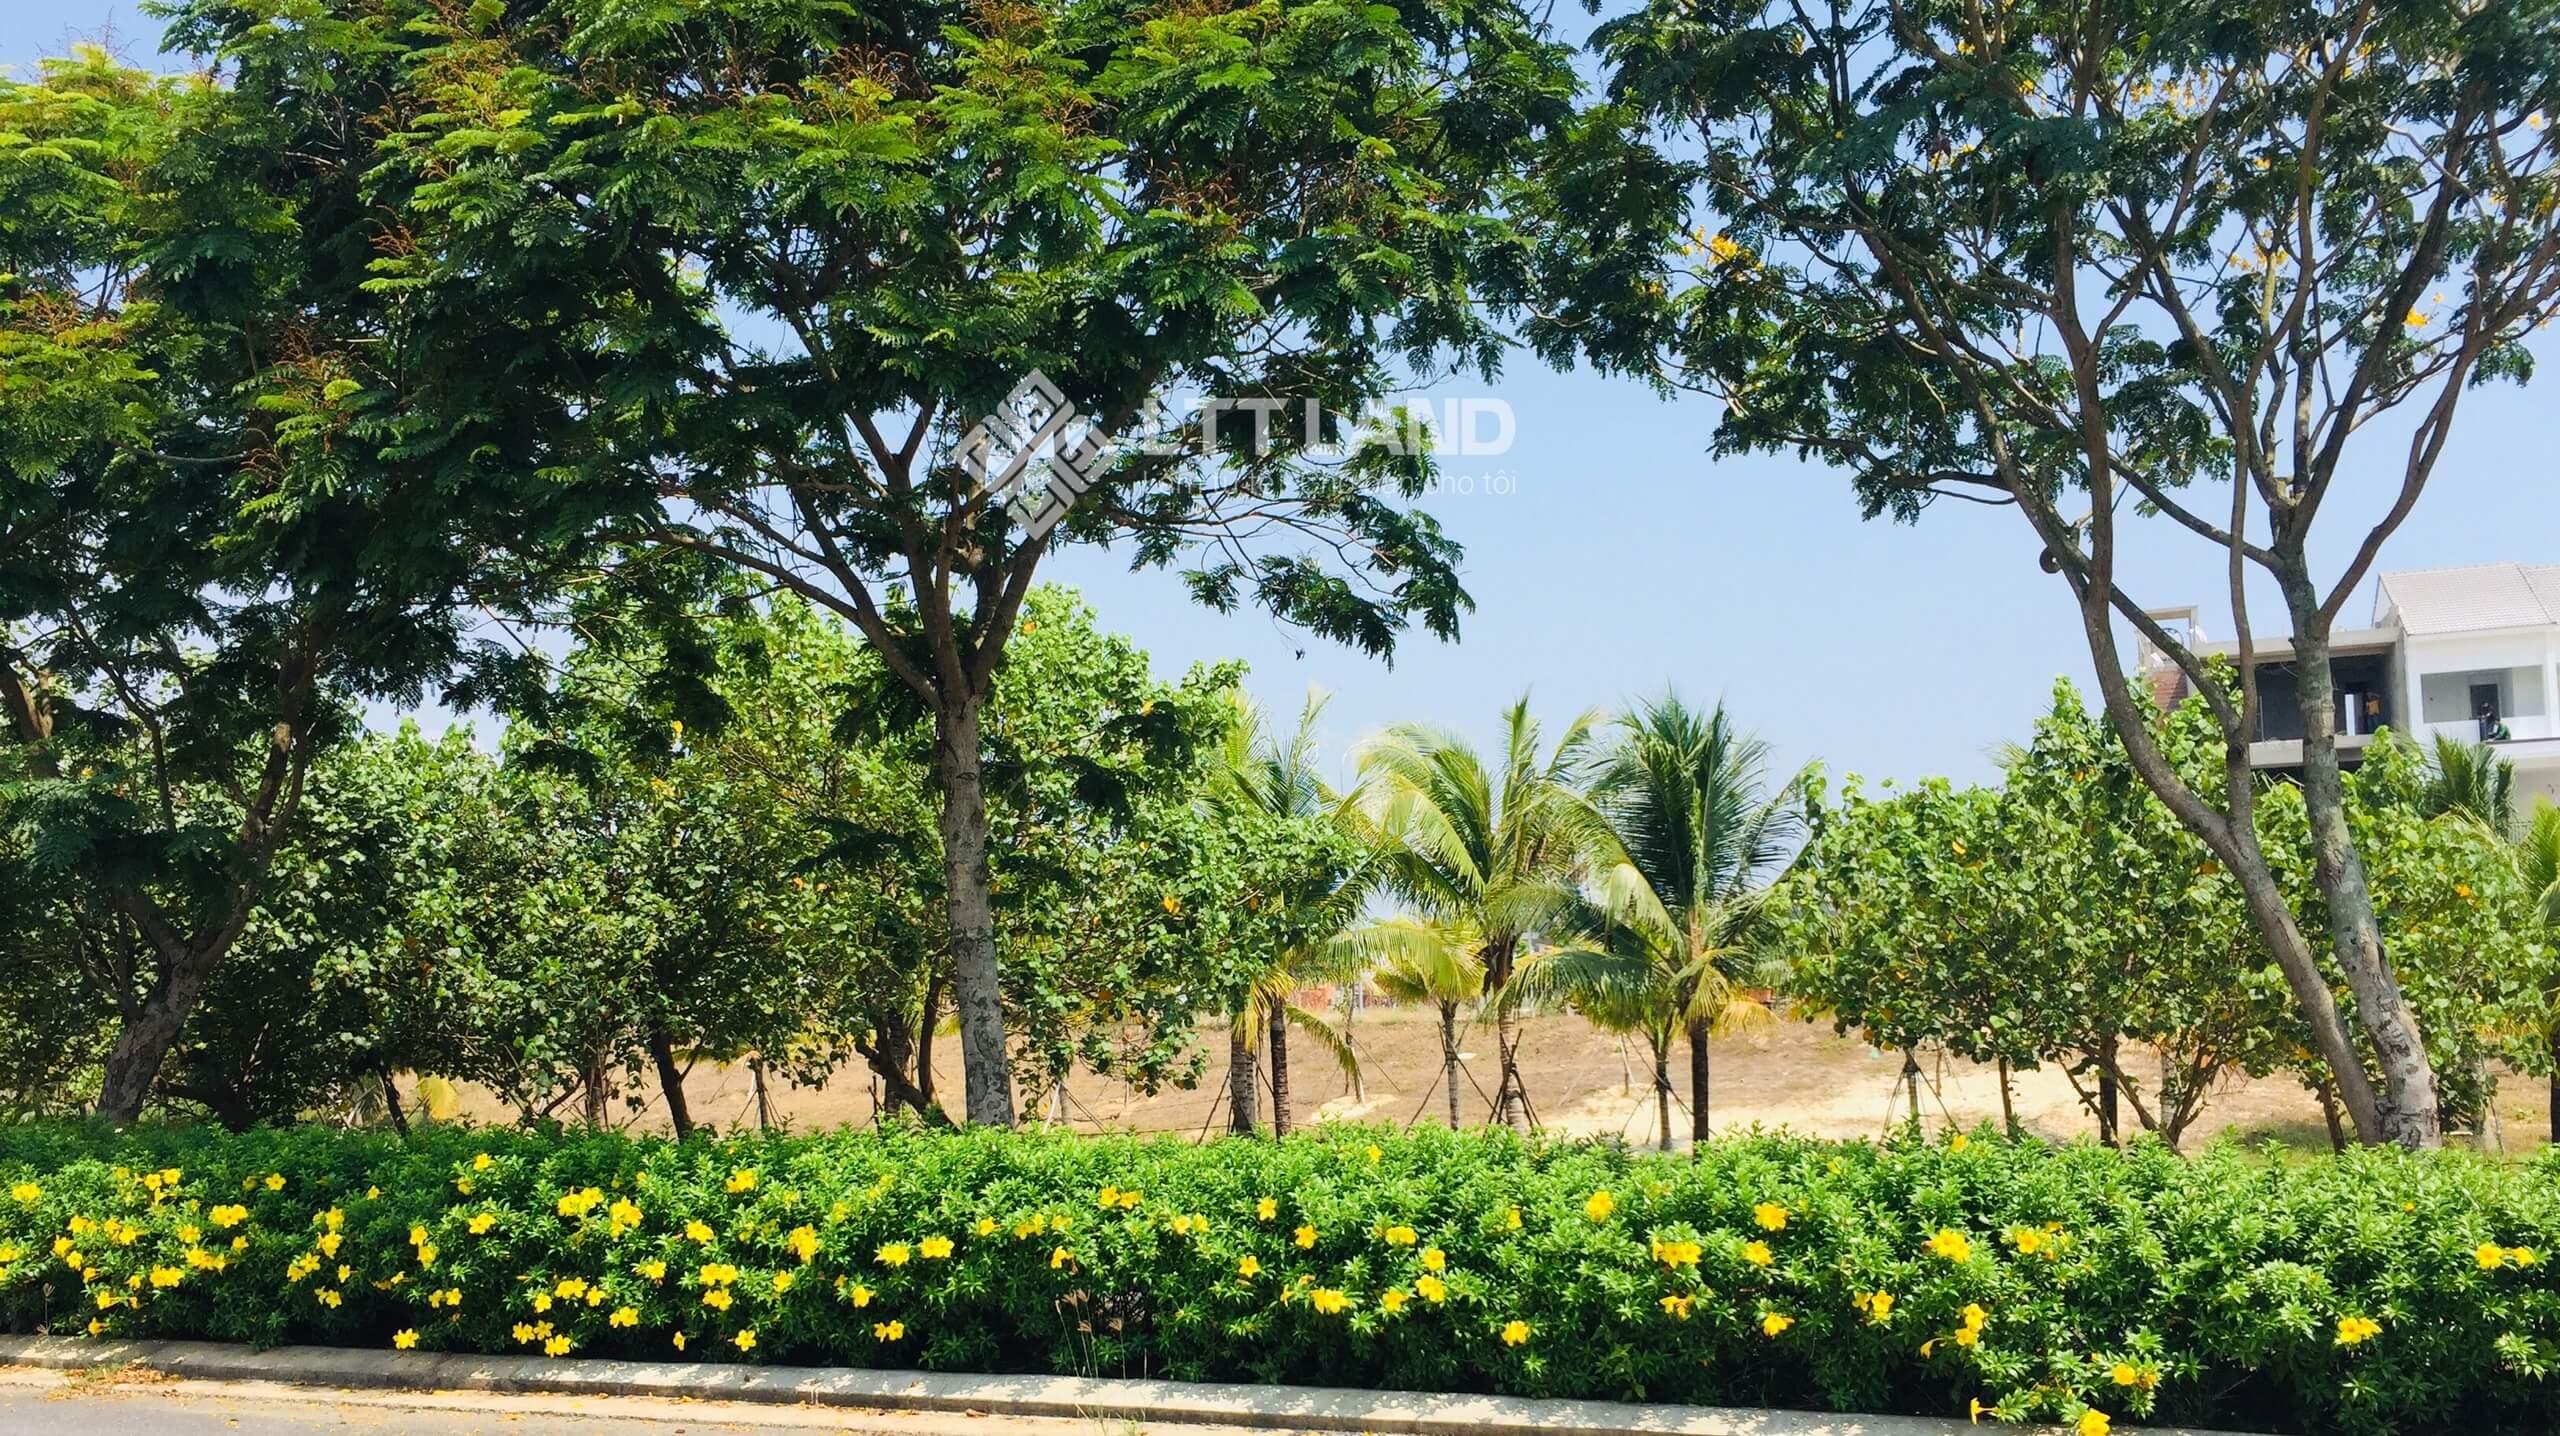 Bán lô đất 108m2 FPT Đà Nẵng Cắt lỗ hơn 1,5 tỷ